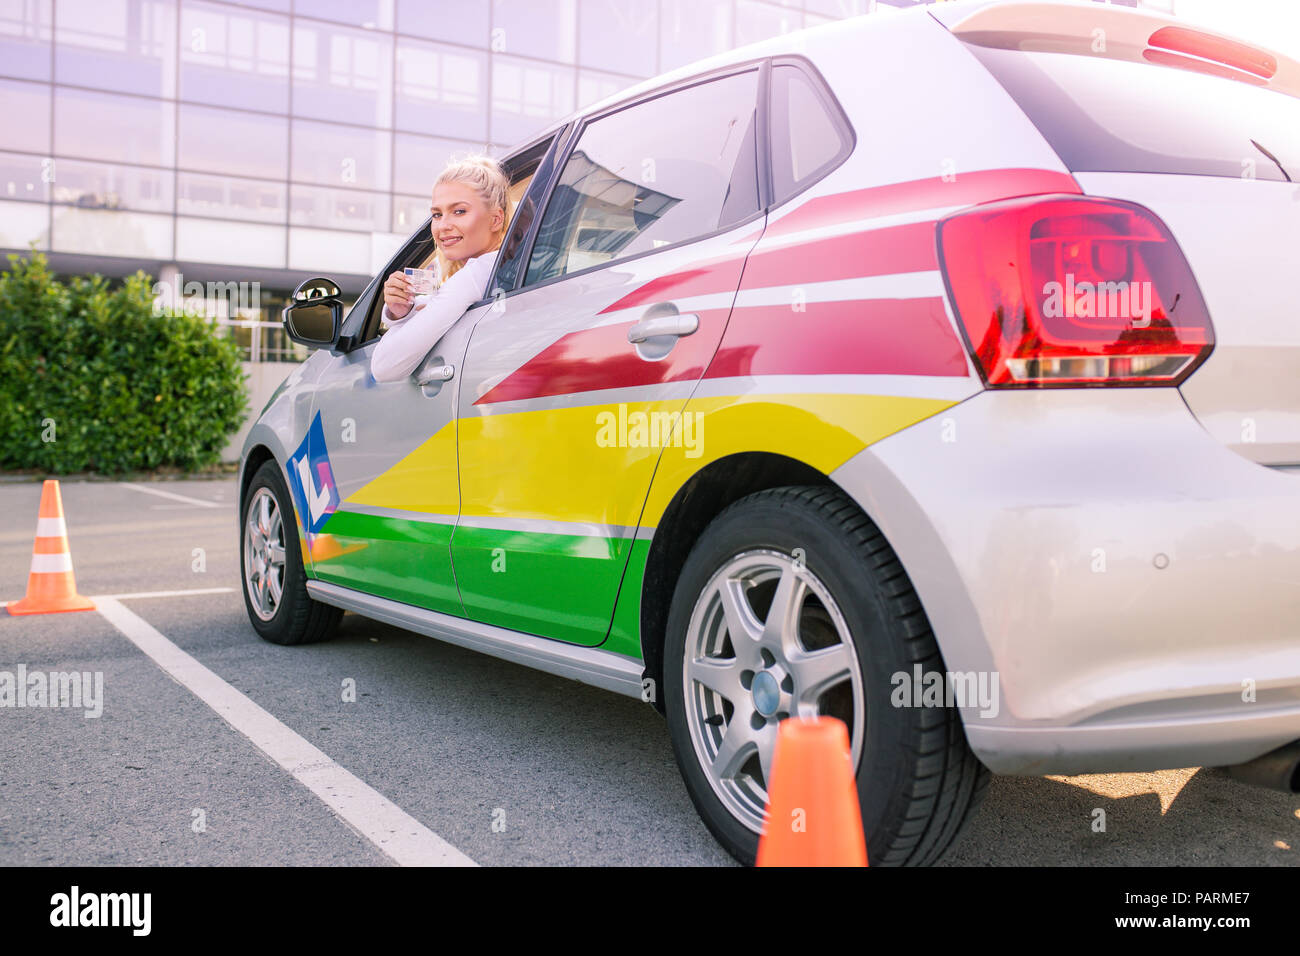 Escuela de conducción. Atractiva mujer joven mostrando con orgullo su carnet de conducir. Espacio libre para el texto. Copie el espacio. Los brillos de la lente Imagen De Stock